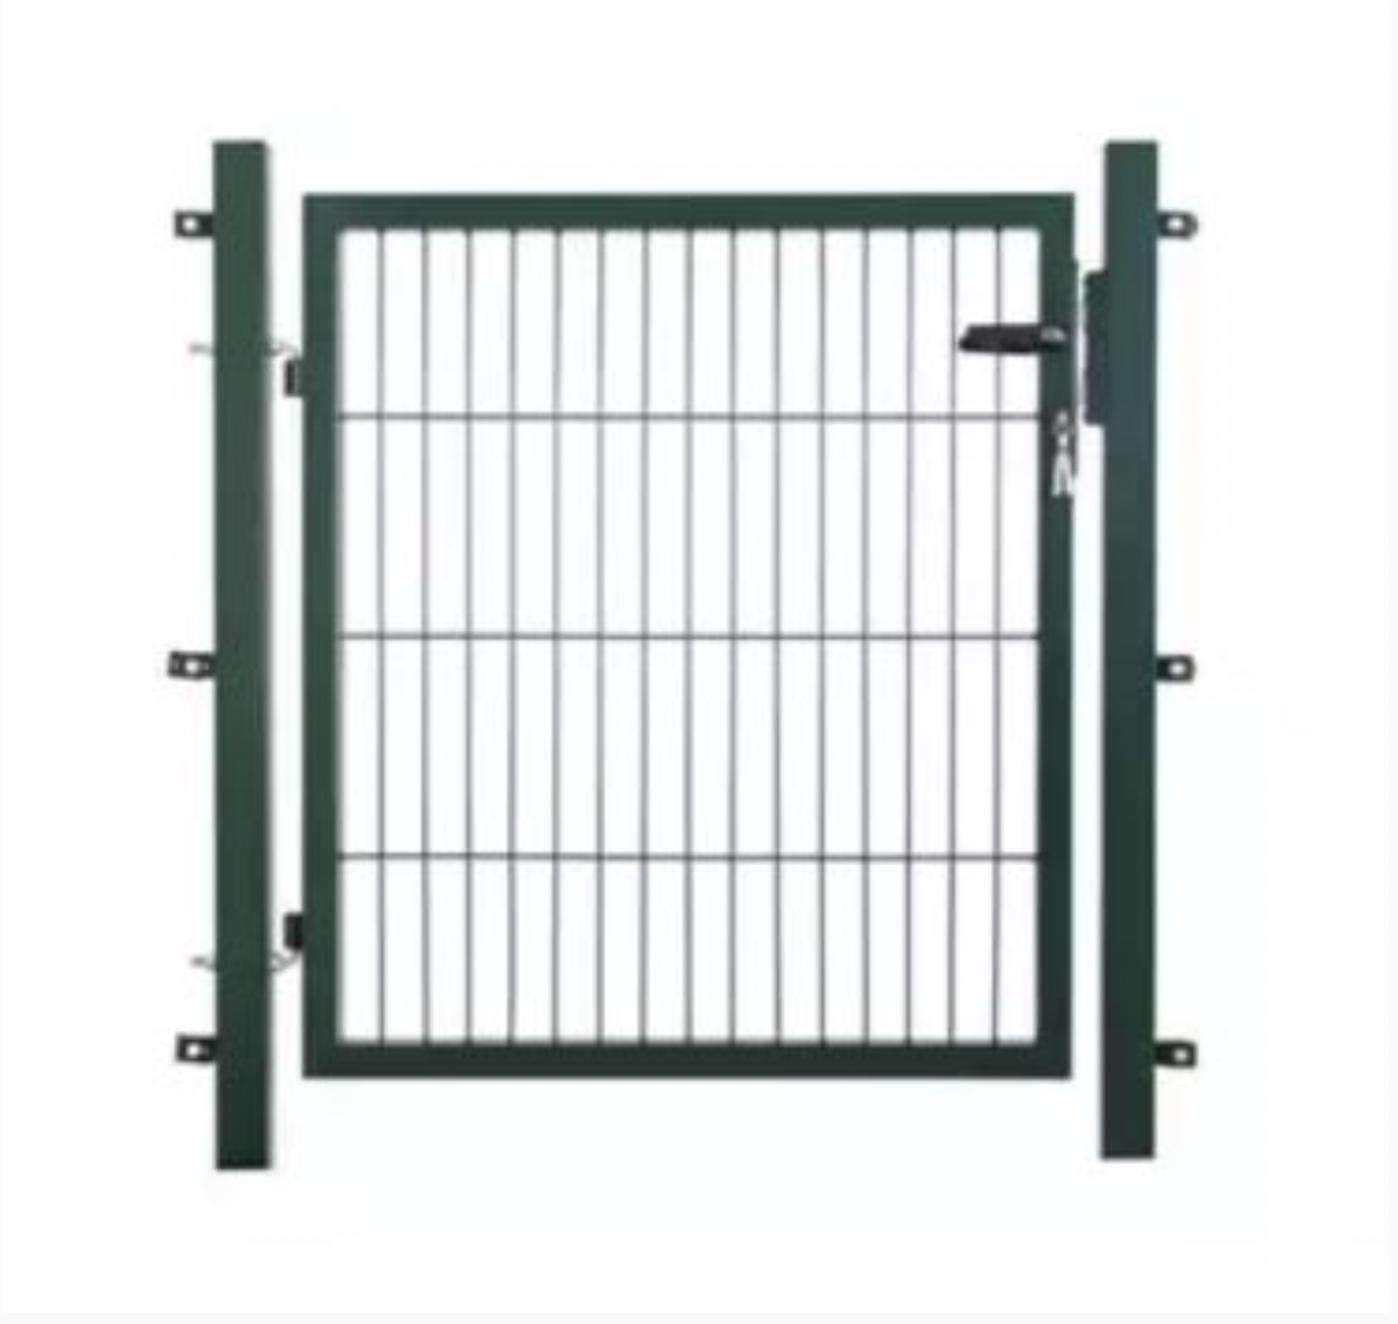 värav strong lai